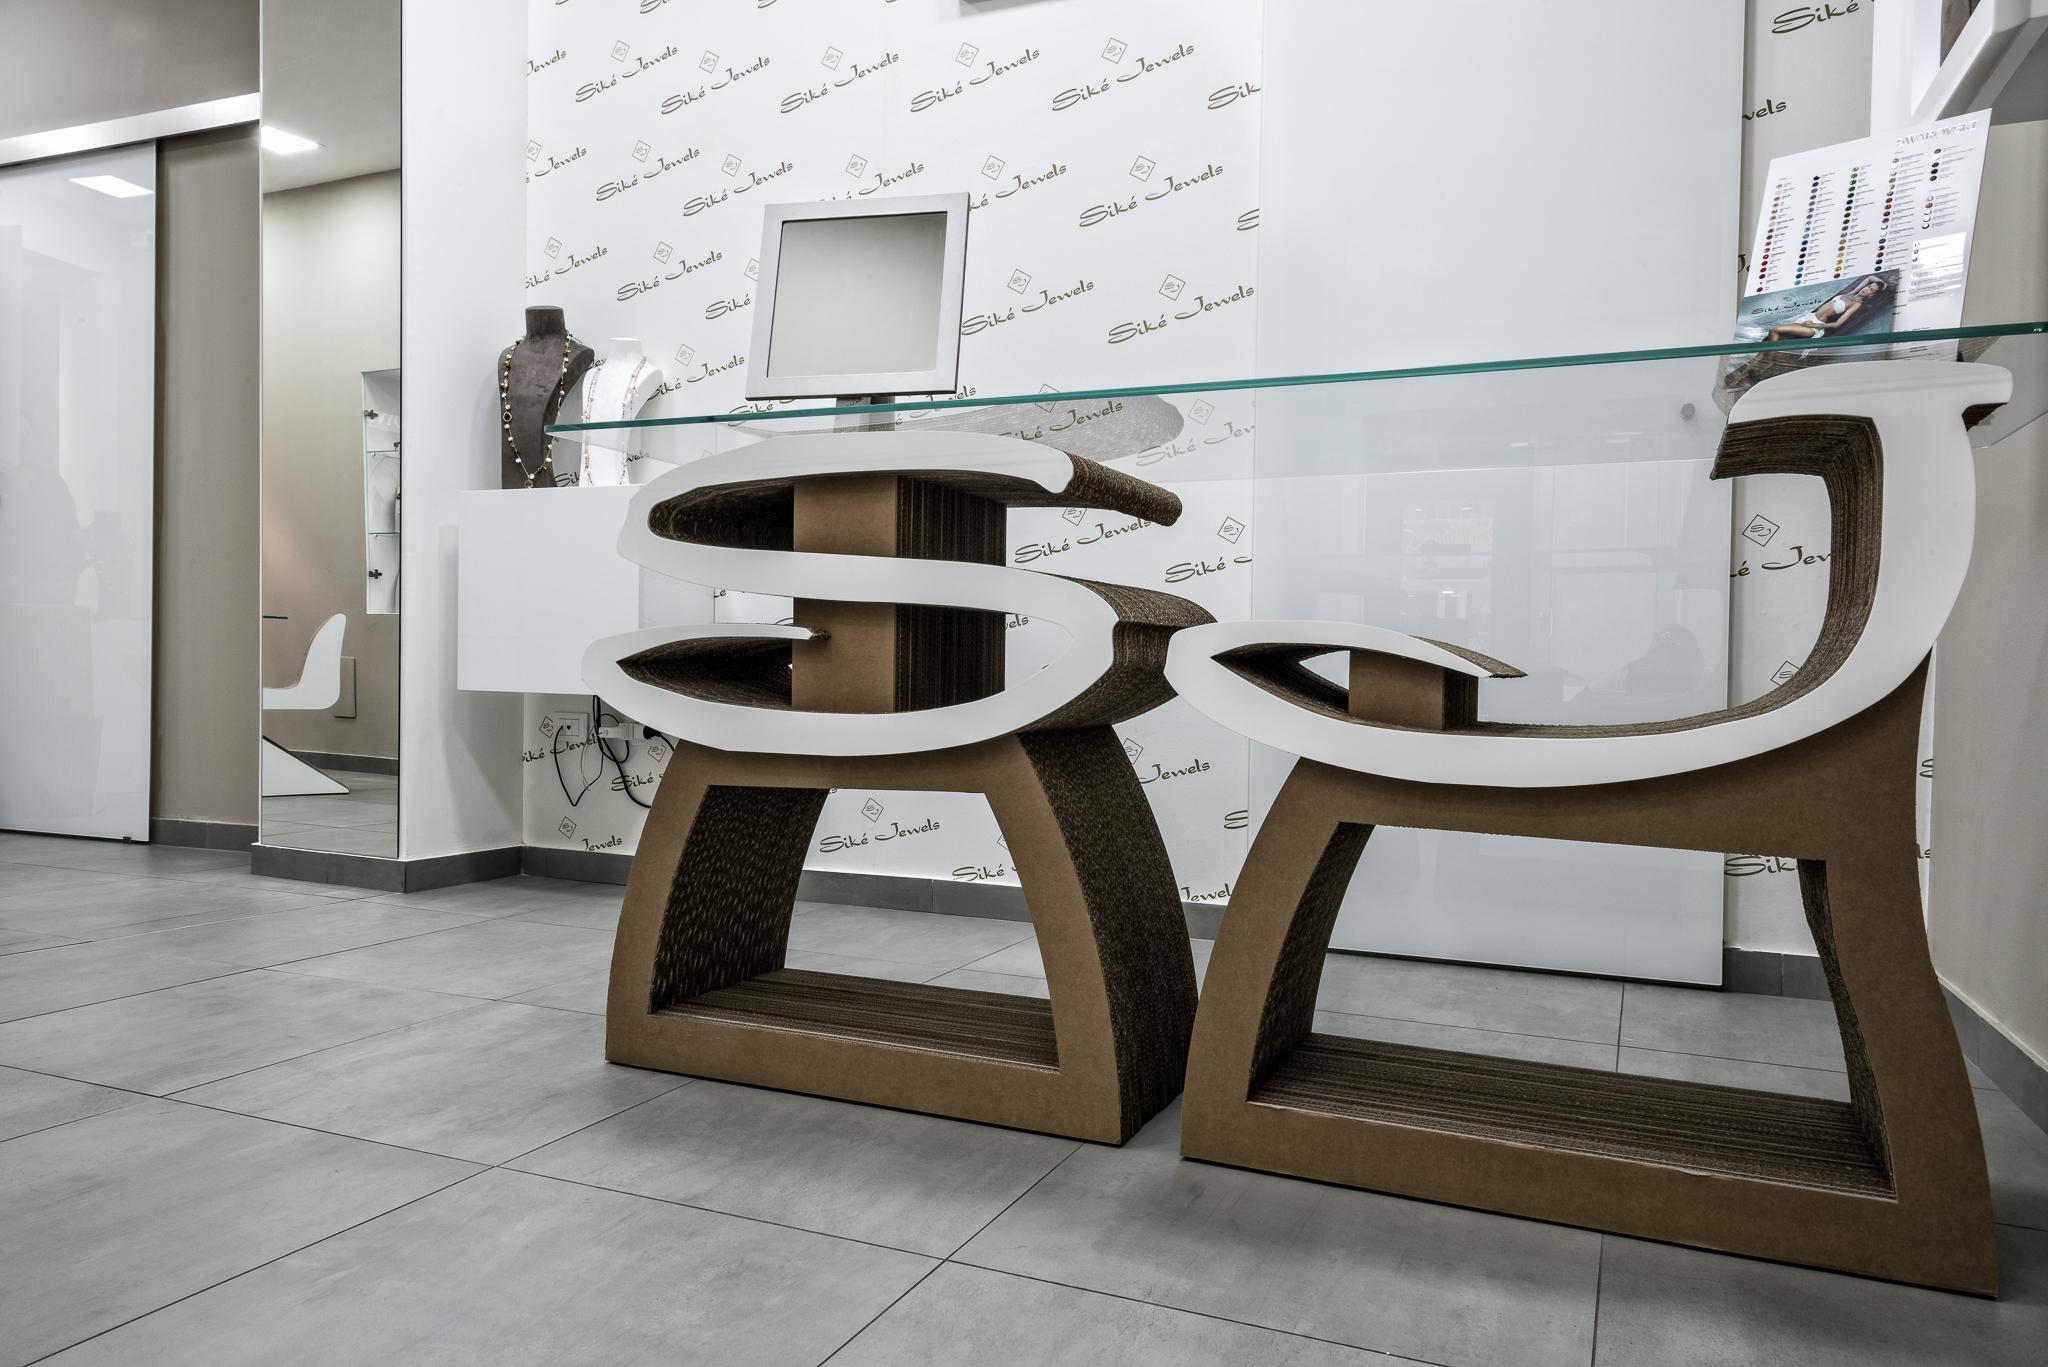 Siké Table